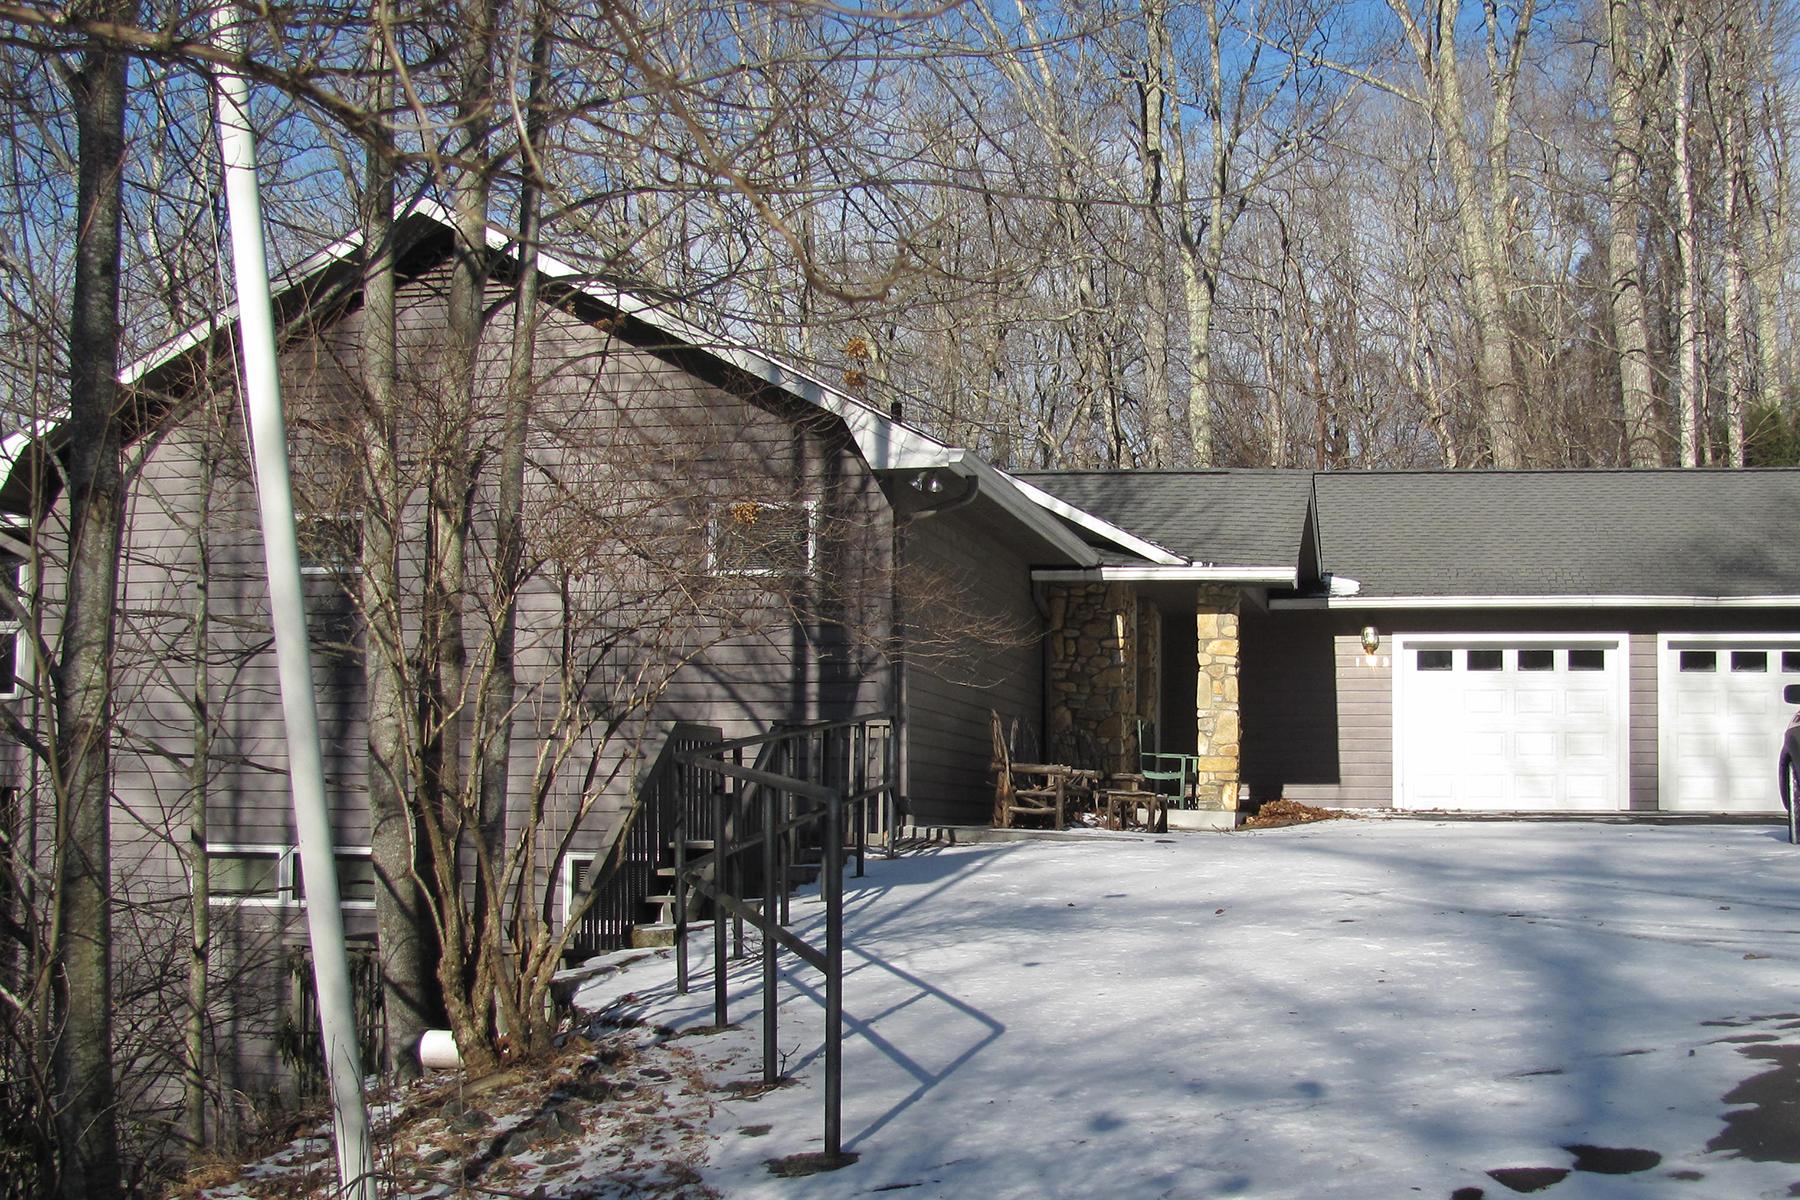 Single Family Home for Sale at BANNER ELK 193 Basswood Rd, Banner Elk, North Carolina 28604 United States